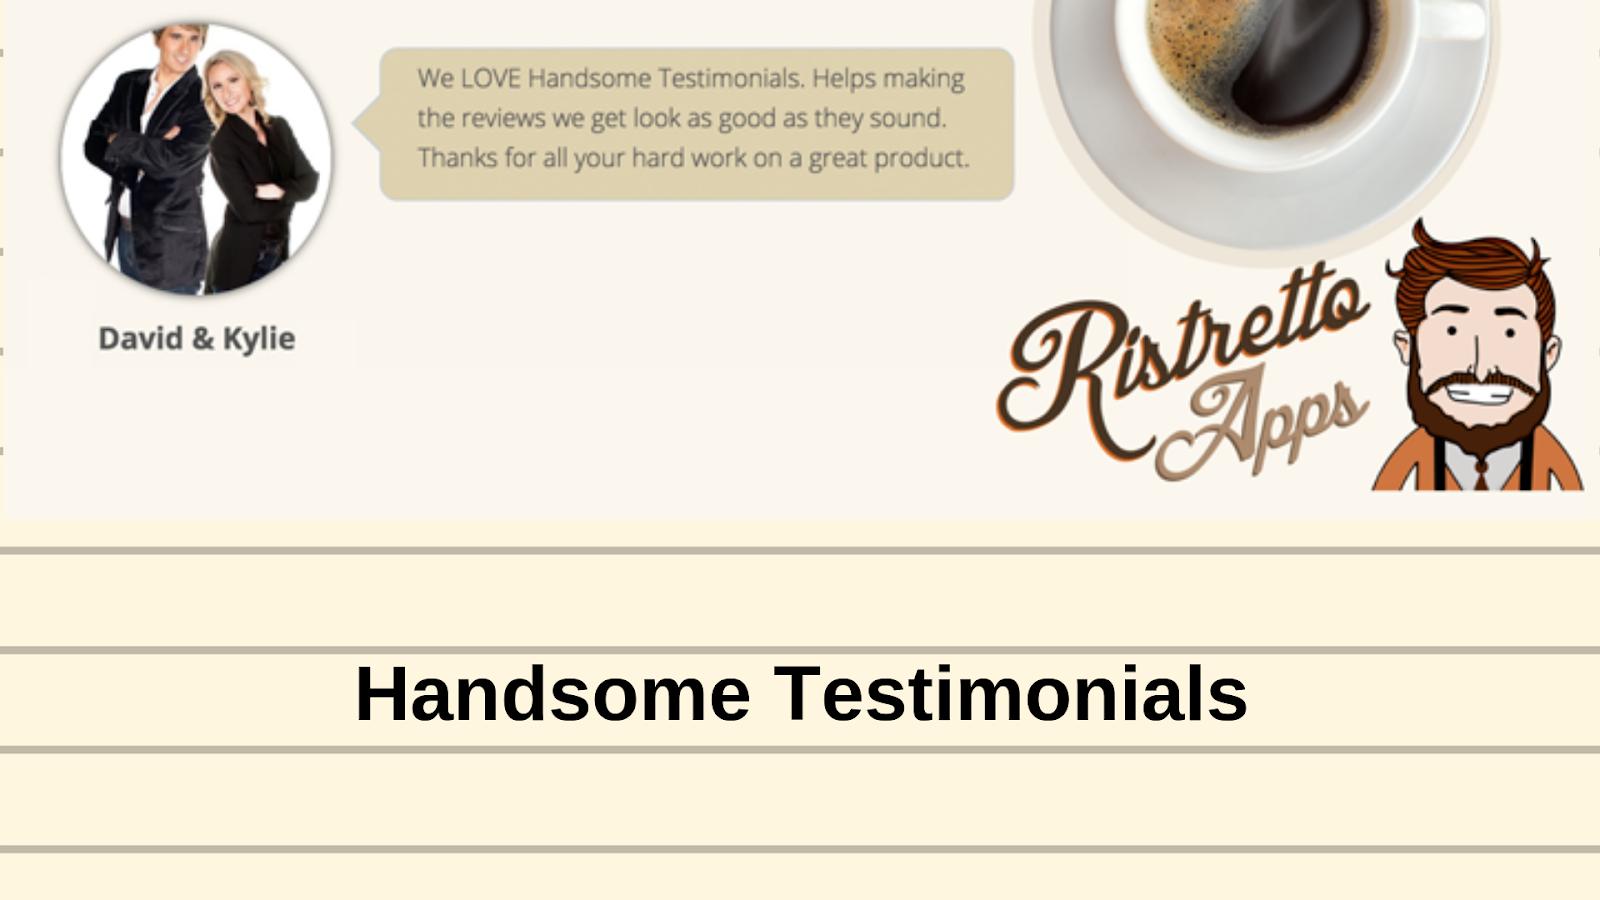 Handsome Testimonials